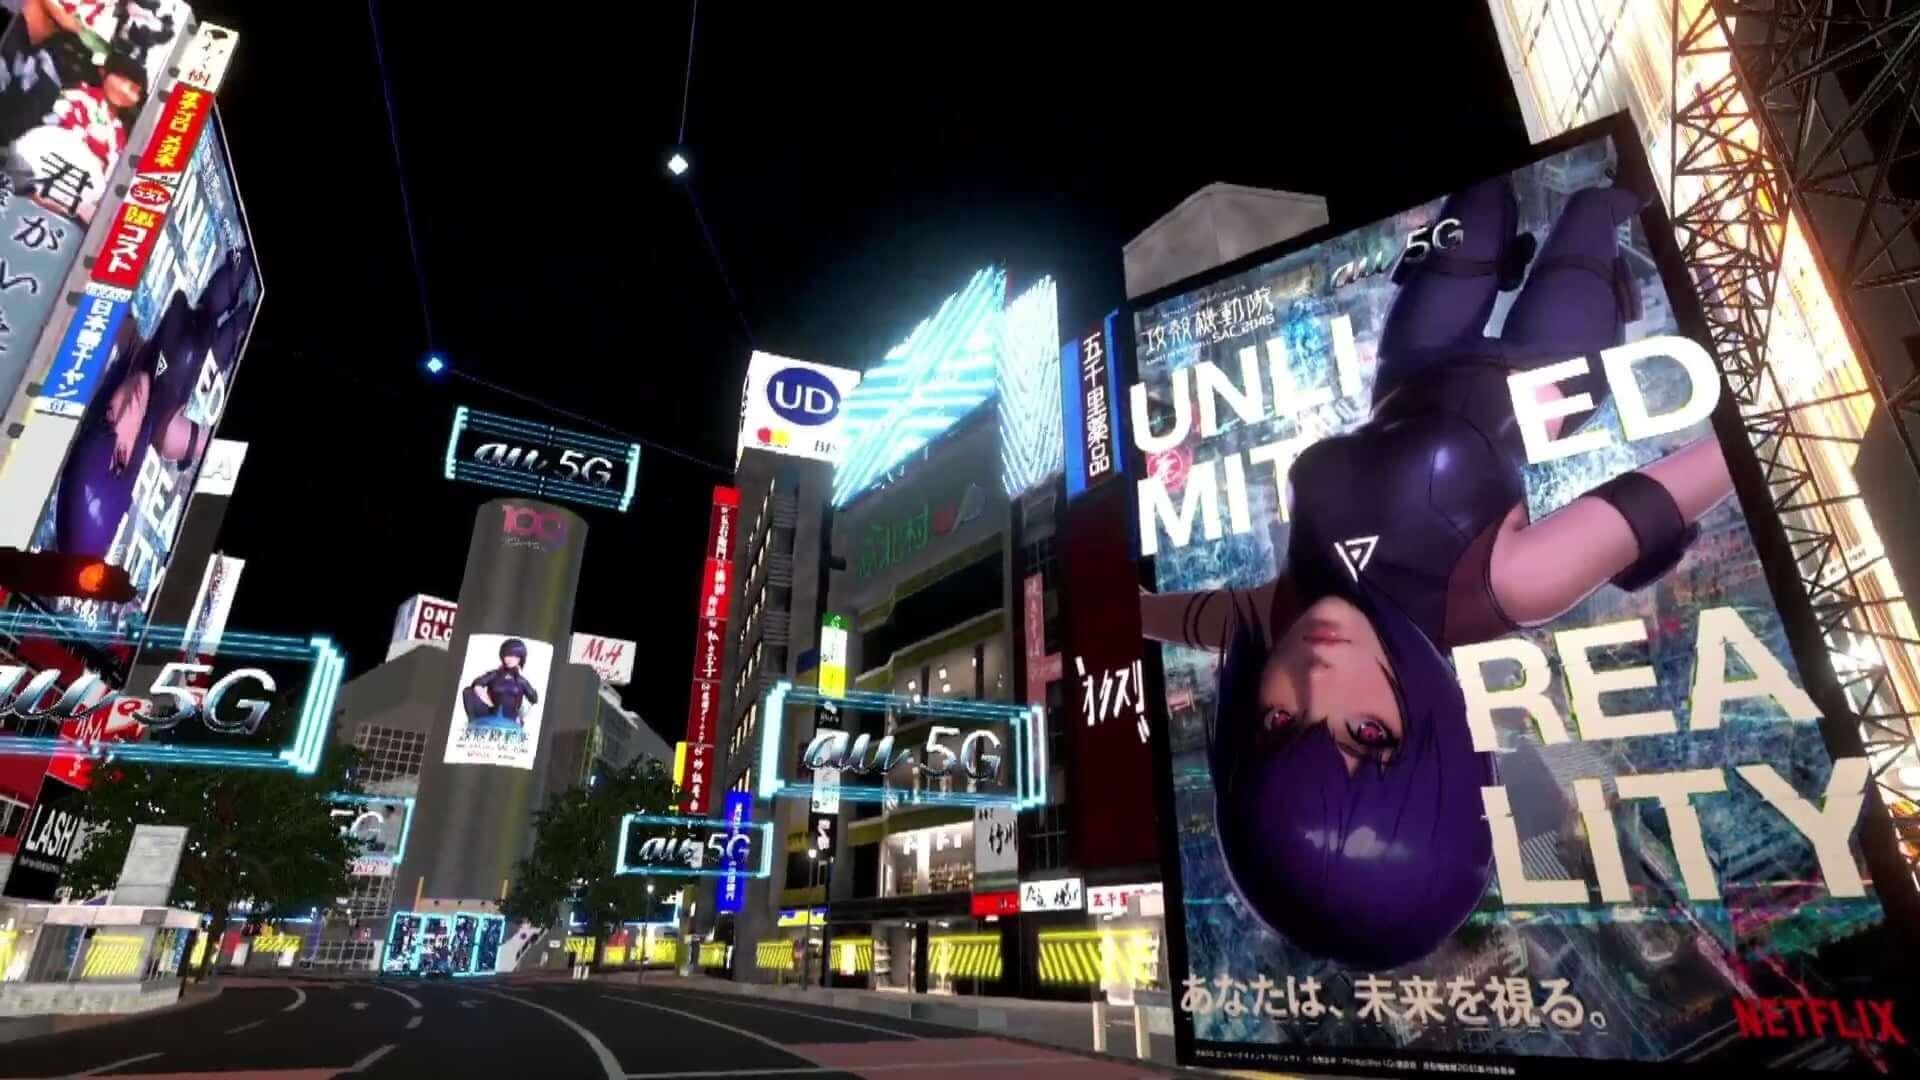 「バーチャル渋谷」で開催された<#渋谷攻殻NIGHT by au5G>の映像が公開|宇川直宏、若槻千夏、セカオワ・DJ LOVEら登場 art200520_shibuya5g_project_10-1920x1080